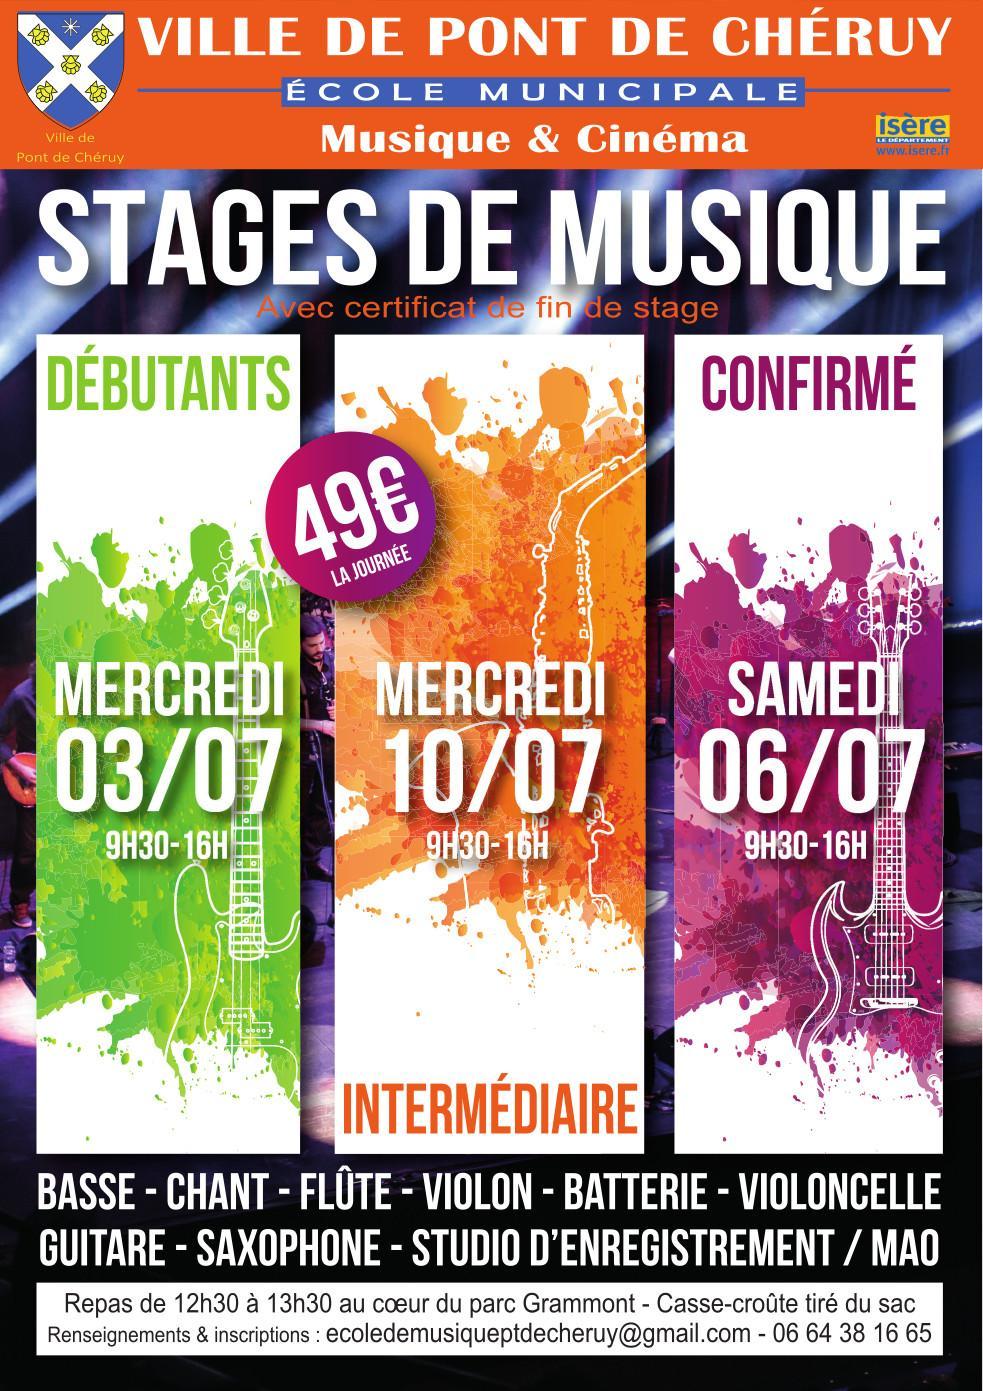 Affiche Stage de musique Pont de Cheruy juillet 2019